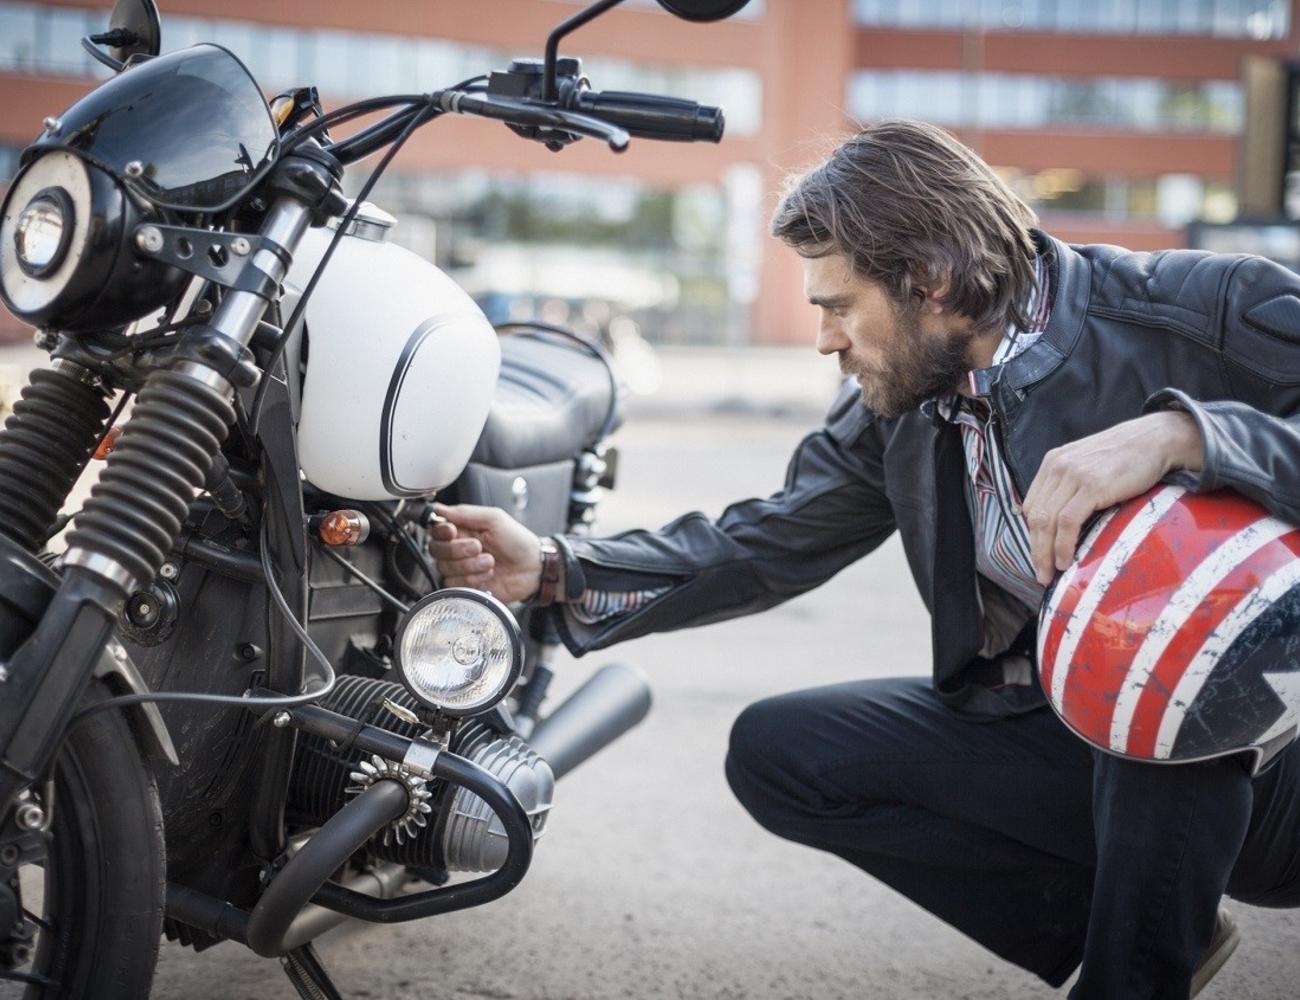 Motoroznék! – A vásárlás